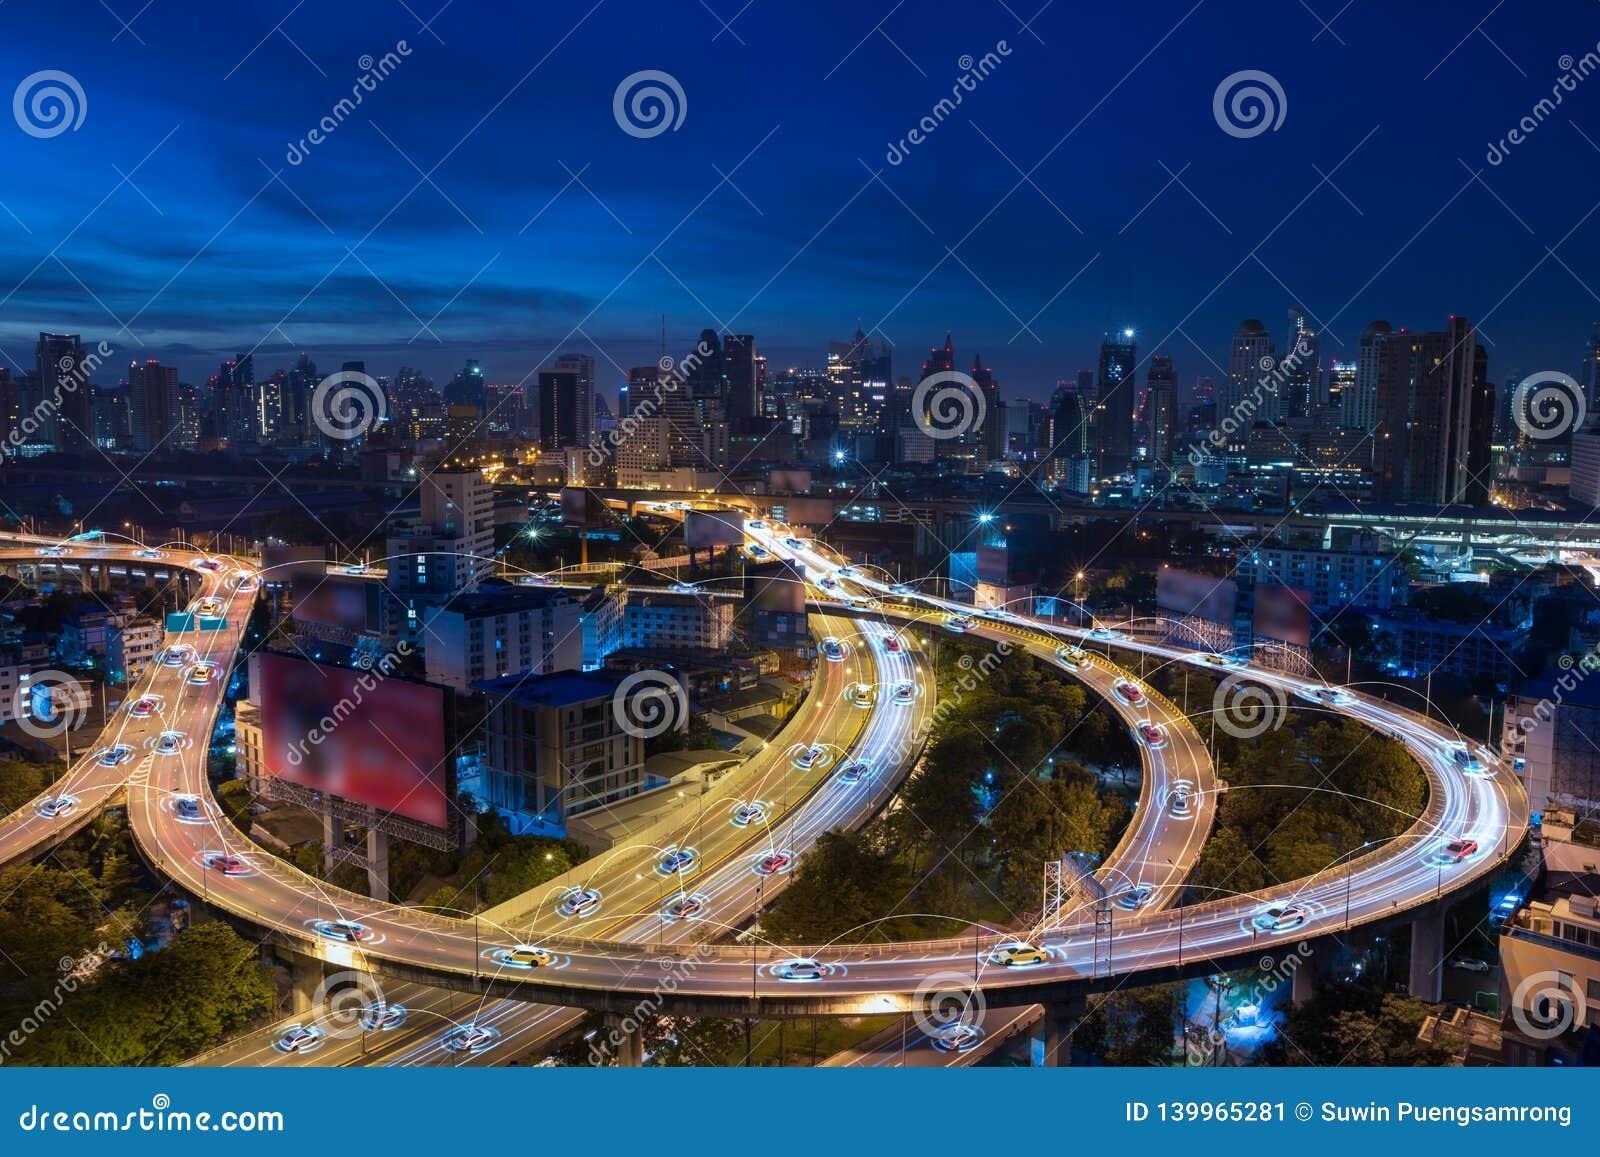 Έξυπνα αυτοκίνητα με την αυτόματη οδήγηση αισθητήρων στη μητρόπολη με την ασύρματη σύνδεση